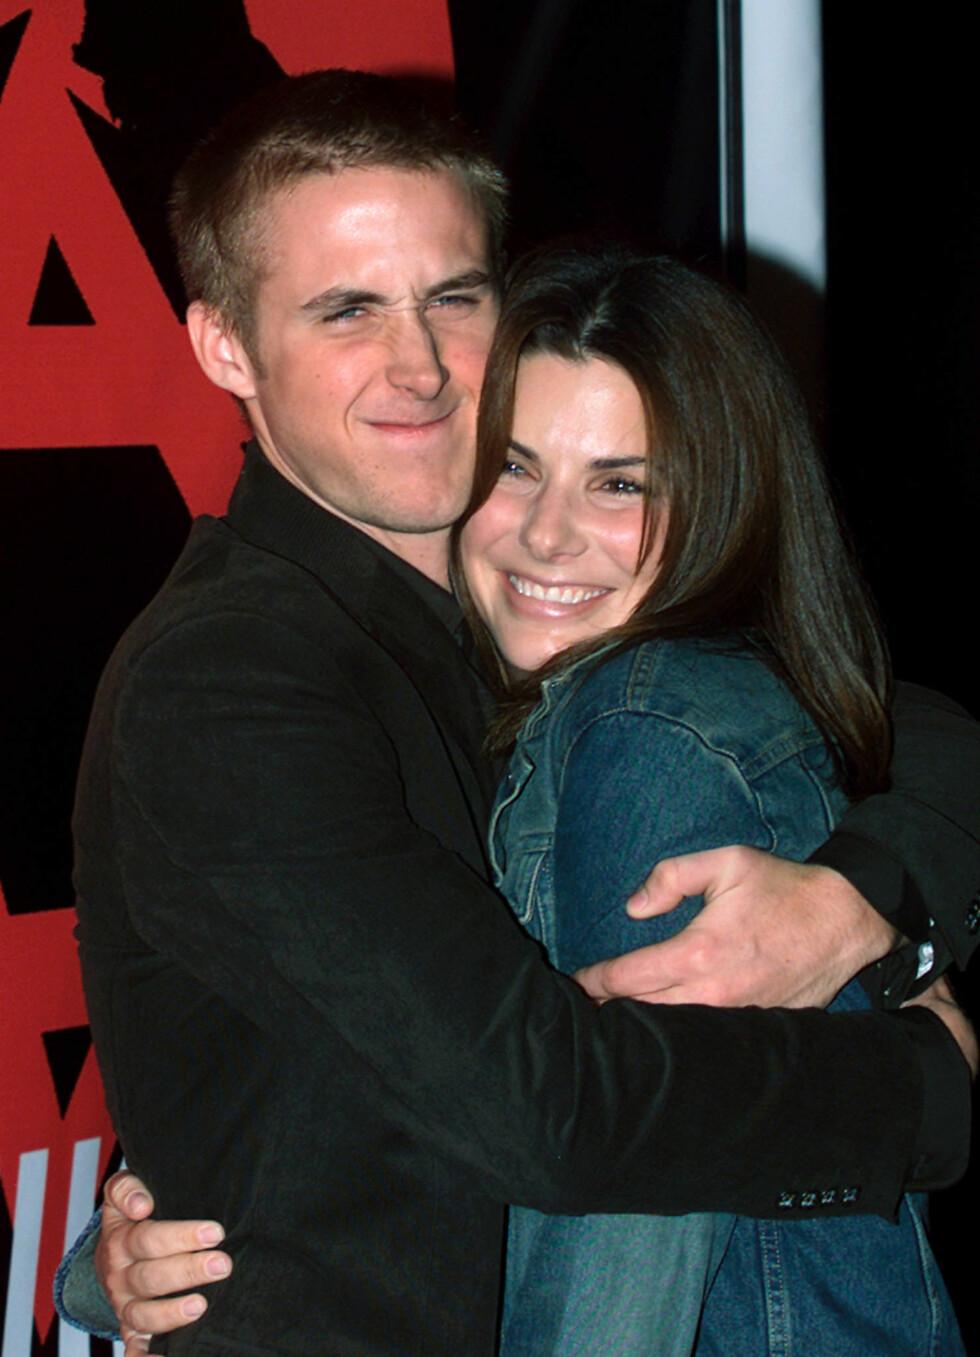 DEN BESTE KJÆRESTEN: Ryan Gosling skal ha sagt at ekskjæresten Sandra Bullock var en av de beste kjærestene han har hatt. Foto: REUTERS